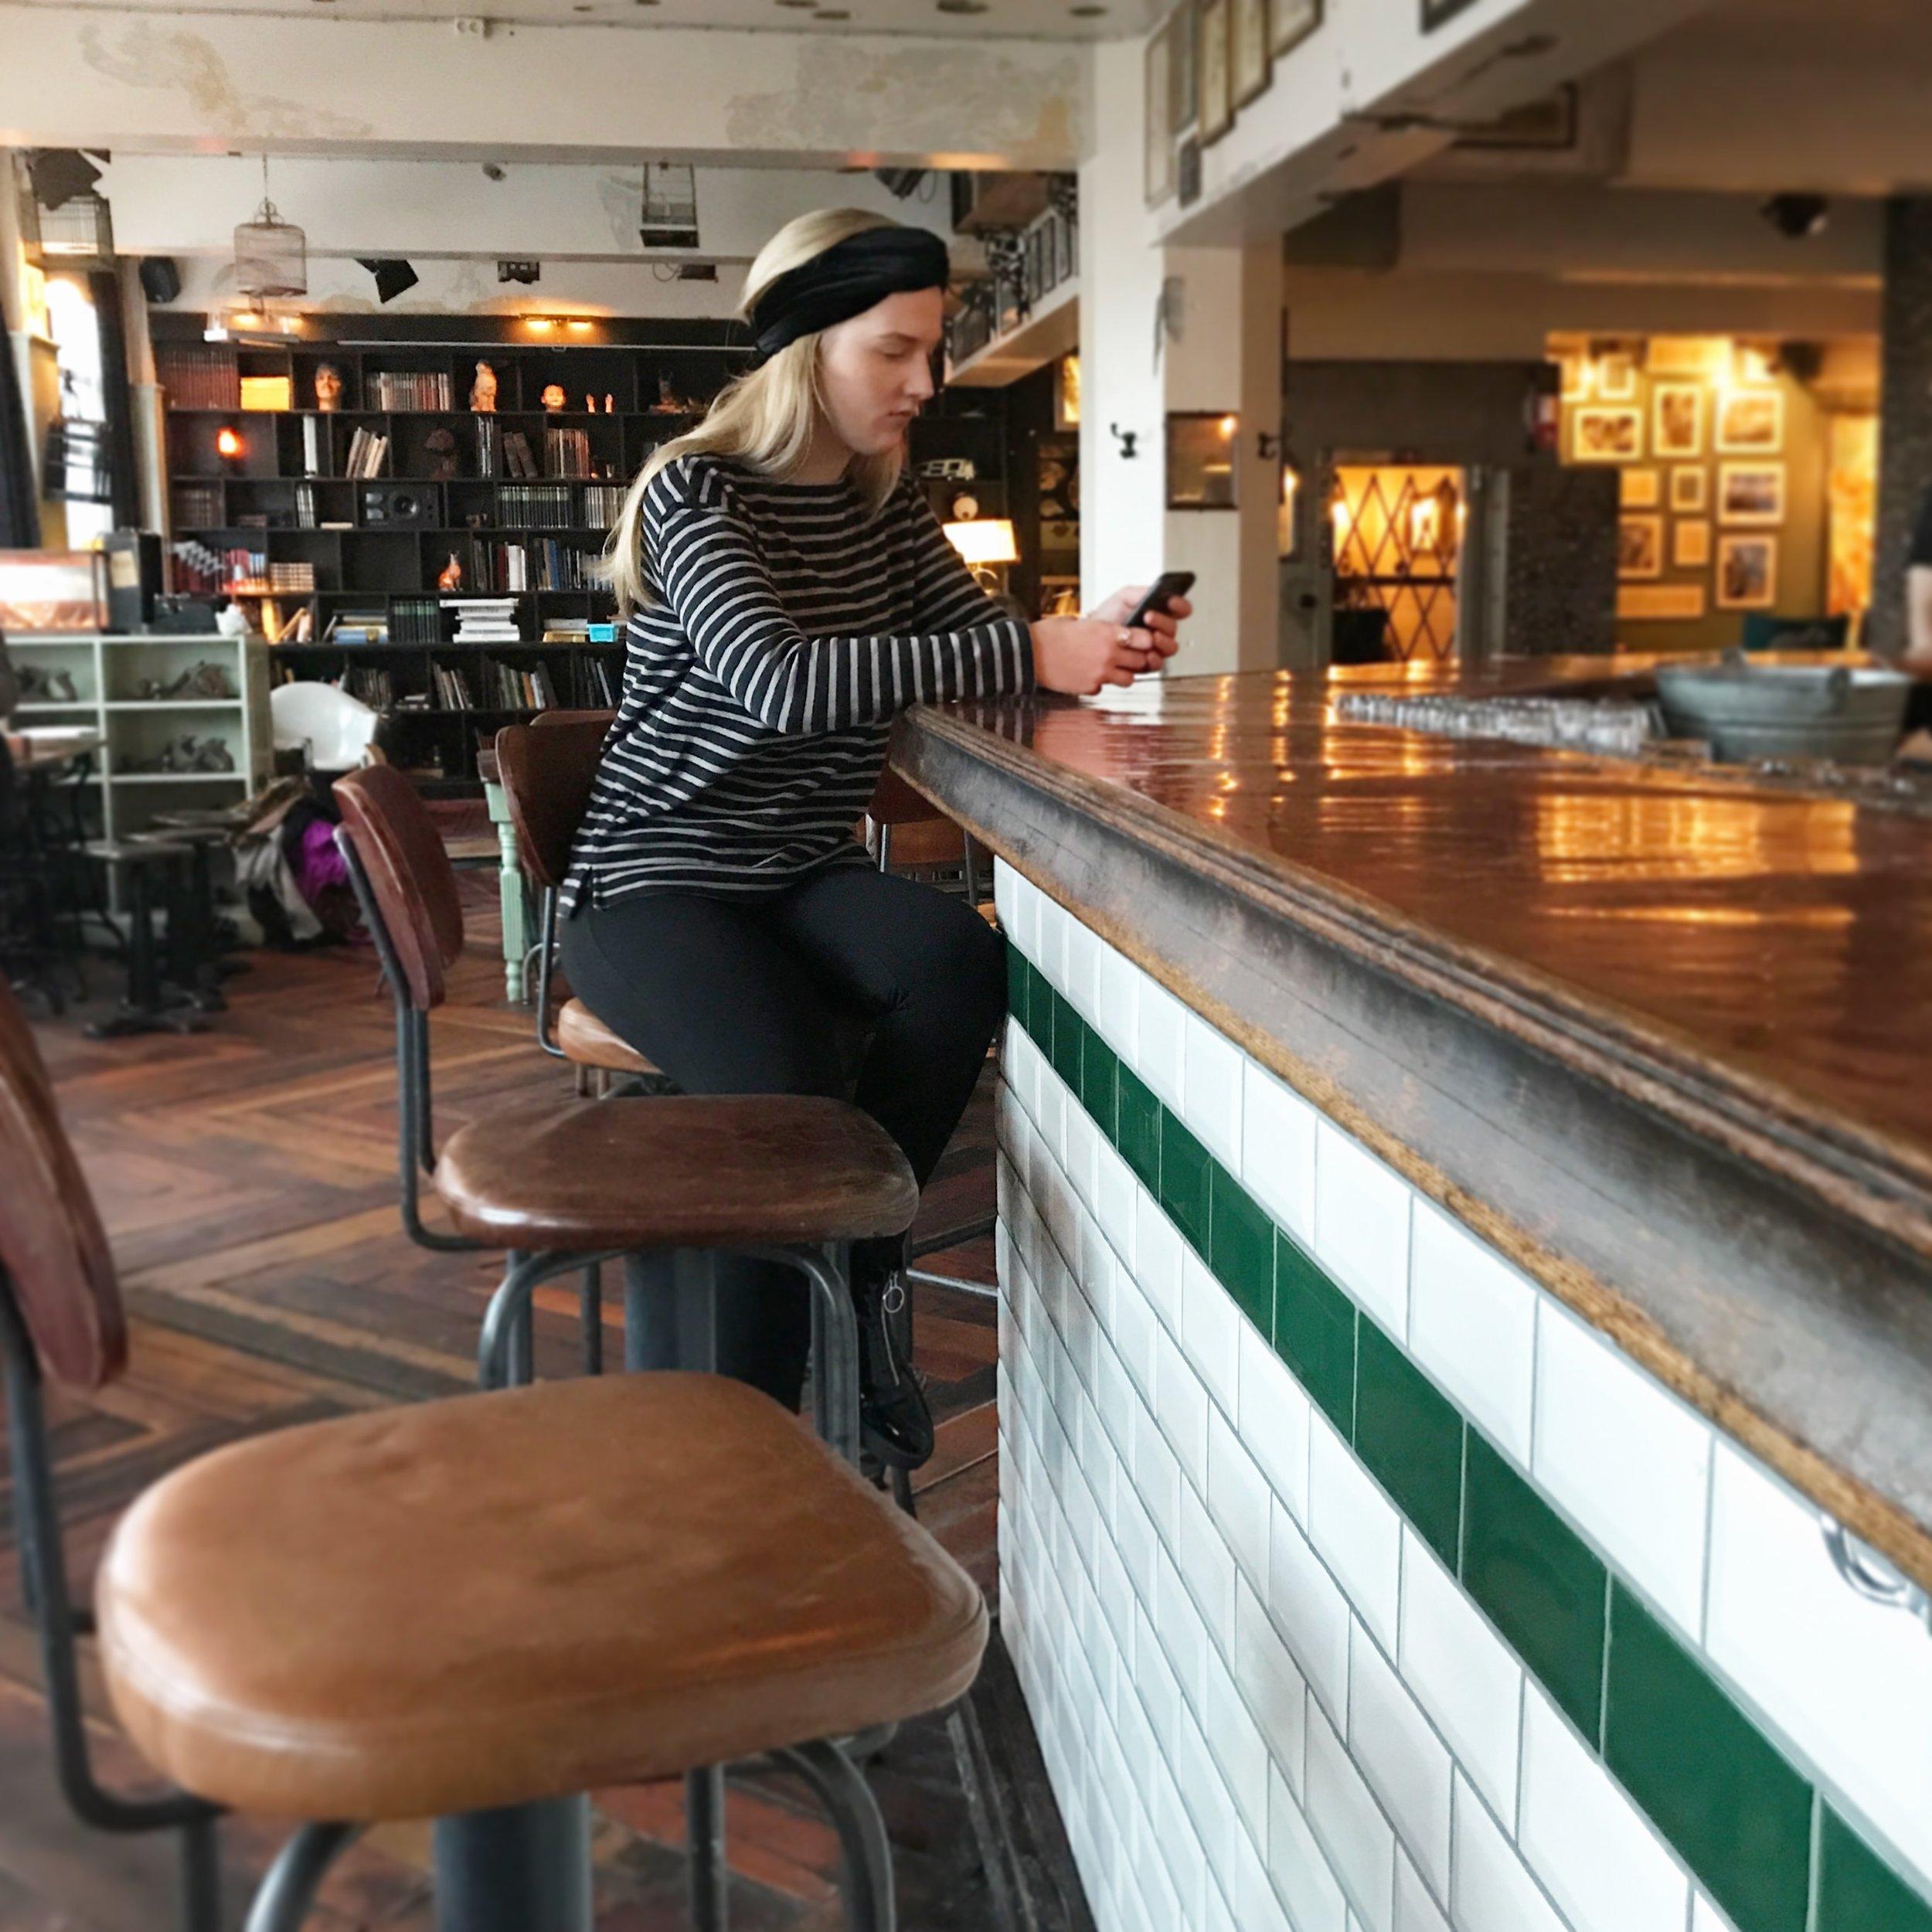 Saemundur Gastro Pub